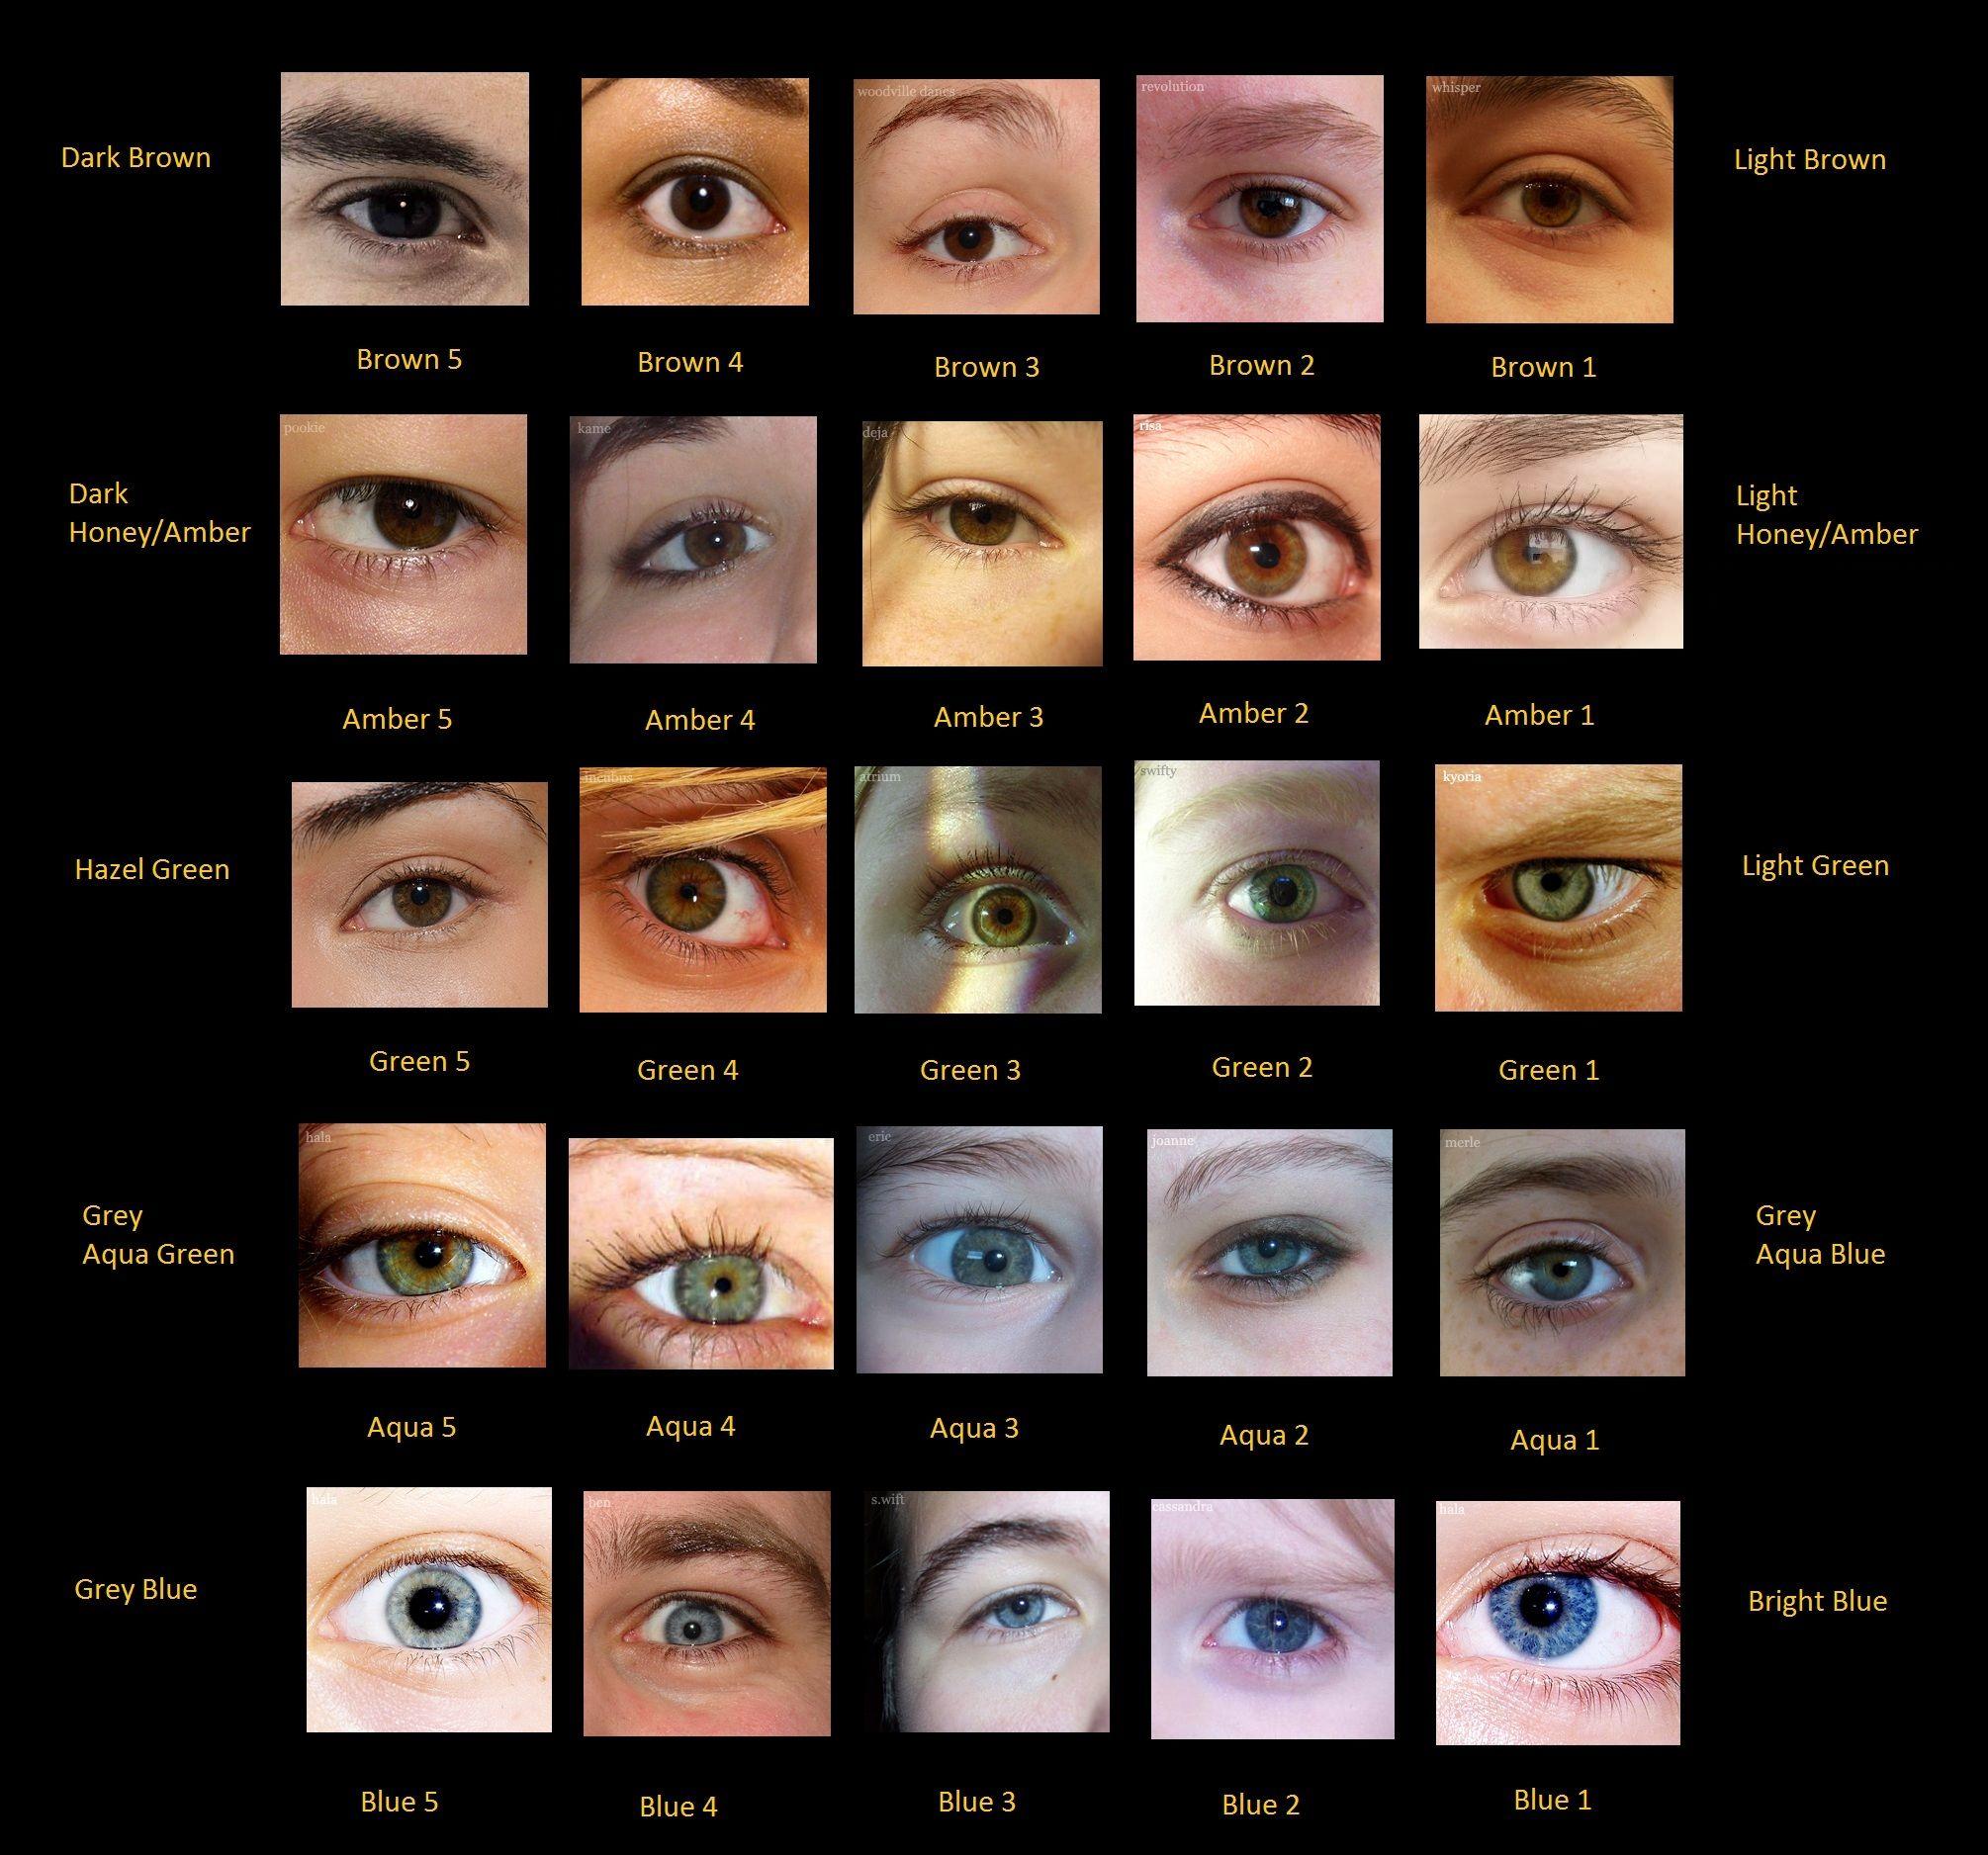 порошина поделилась название цветов глаз с фото половины нижегородцев